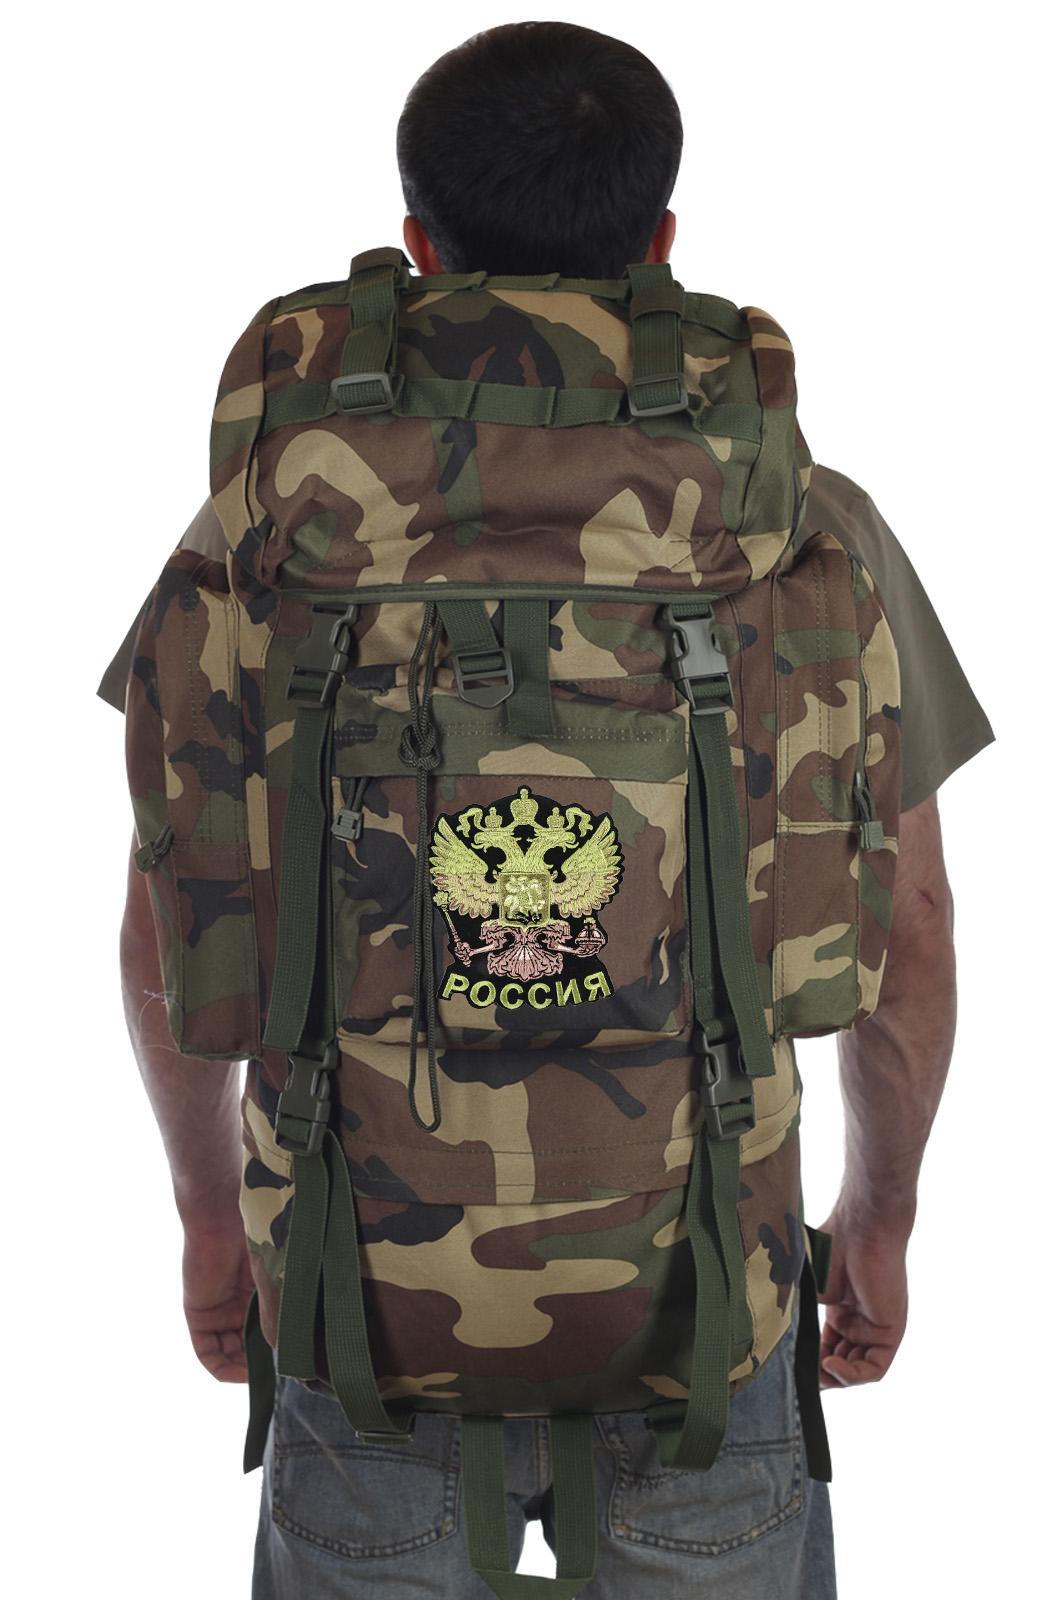 Купить камуфляжный удобный рюкзак CCE с нашивкой Герб России с доставкой в ваш город